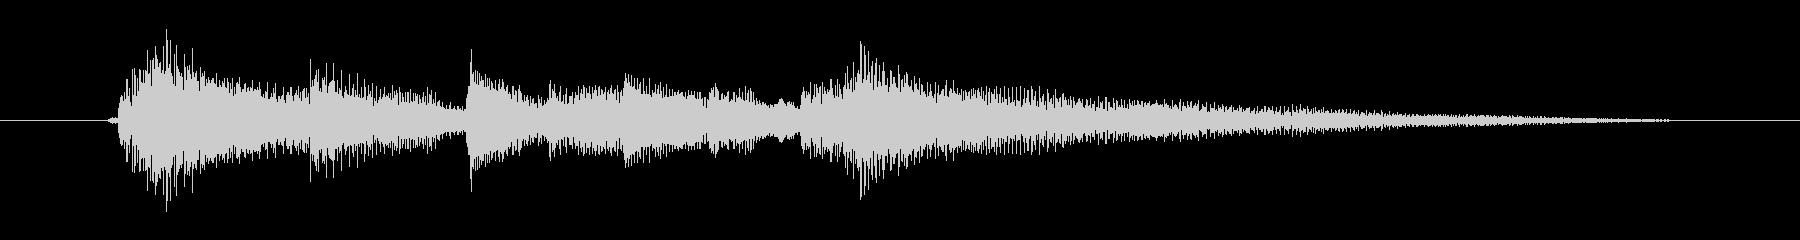 美しく切ないギター音(弦、弾く)の未再生の波形